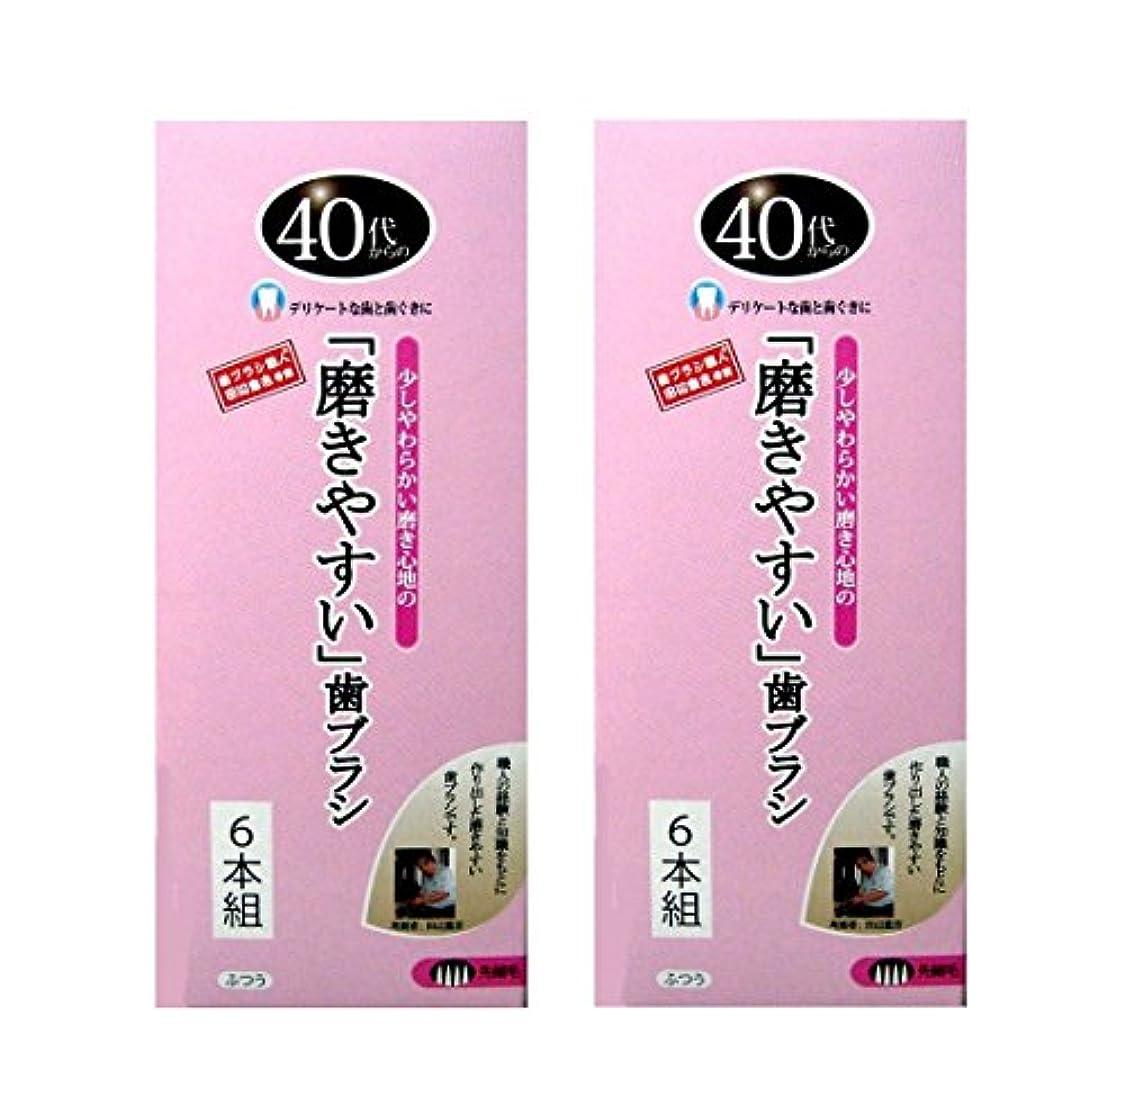 ジェーンオースティン司令官給料歯ブラシ職人 田辺重吉考案 40代からの磨きやすい歯ブラシ 先細 6本組×2個セット